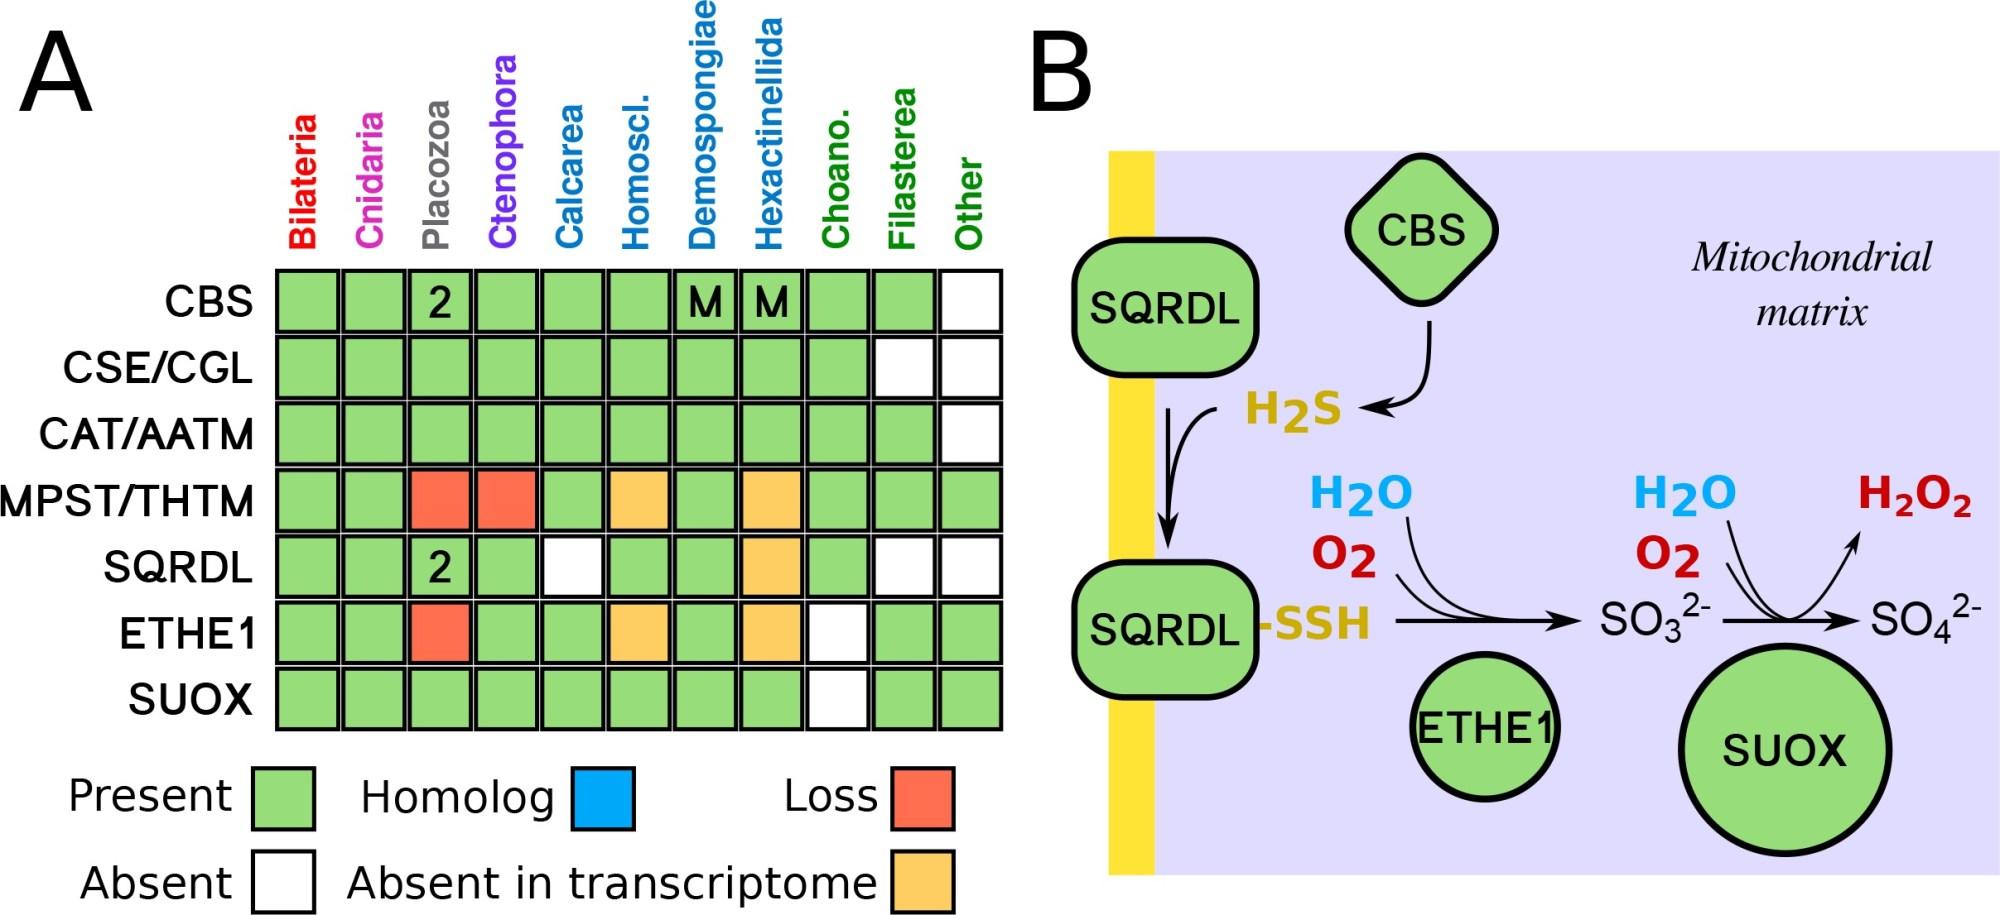 hight resolution of sulfide metabolism pathway